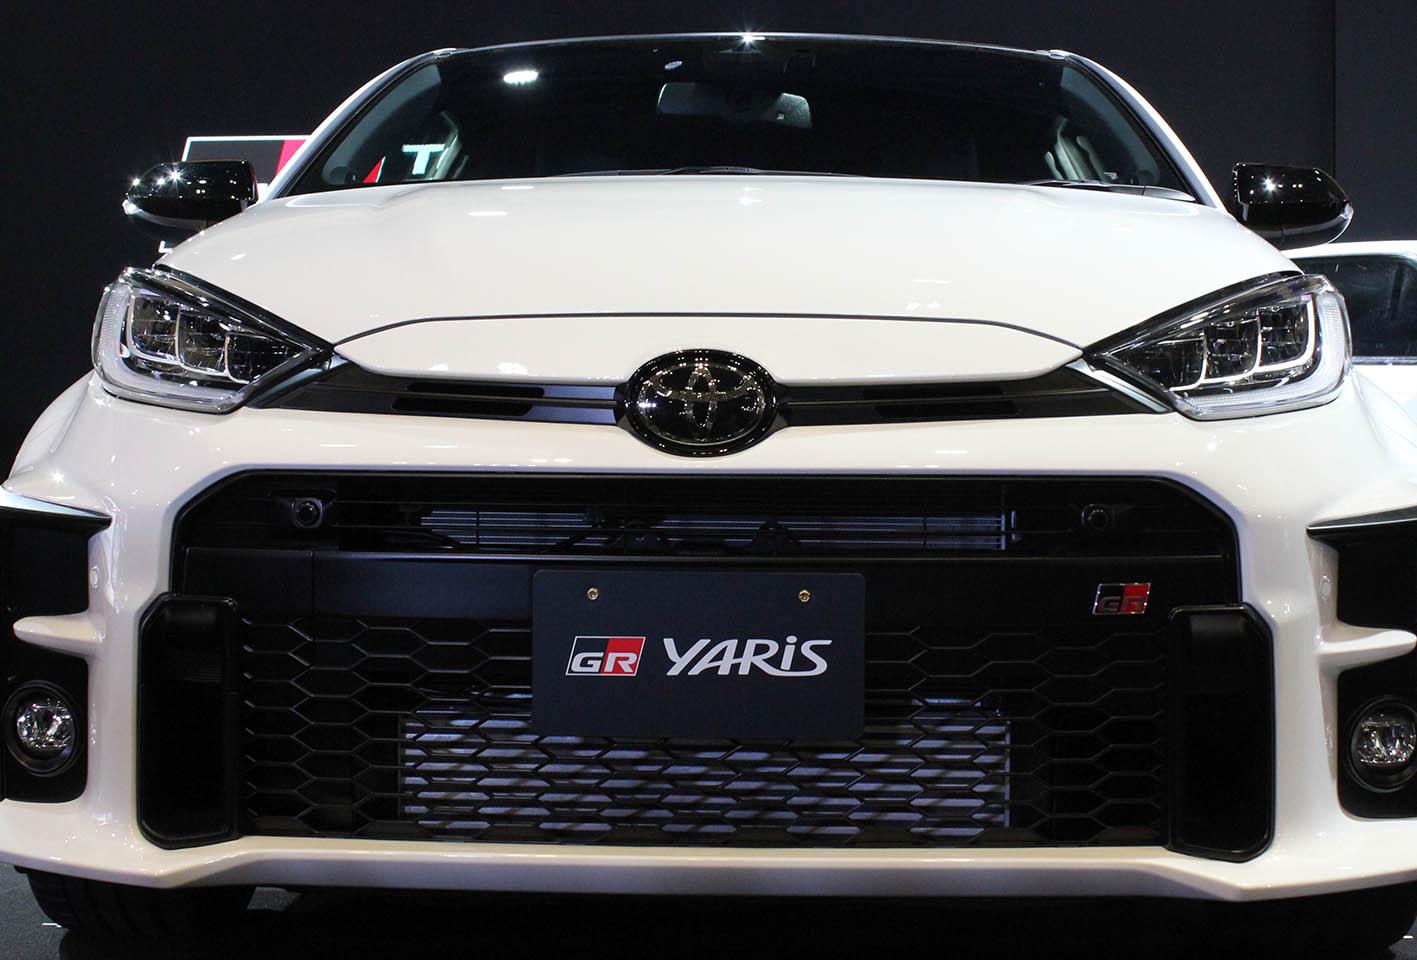 【東京オートサロン2020】トヨタがGRヤリスを世界初公開!!